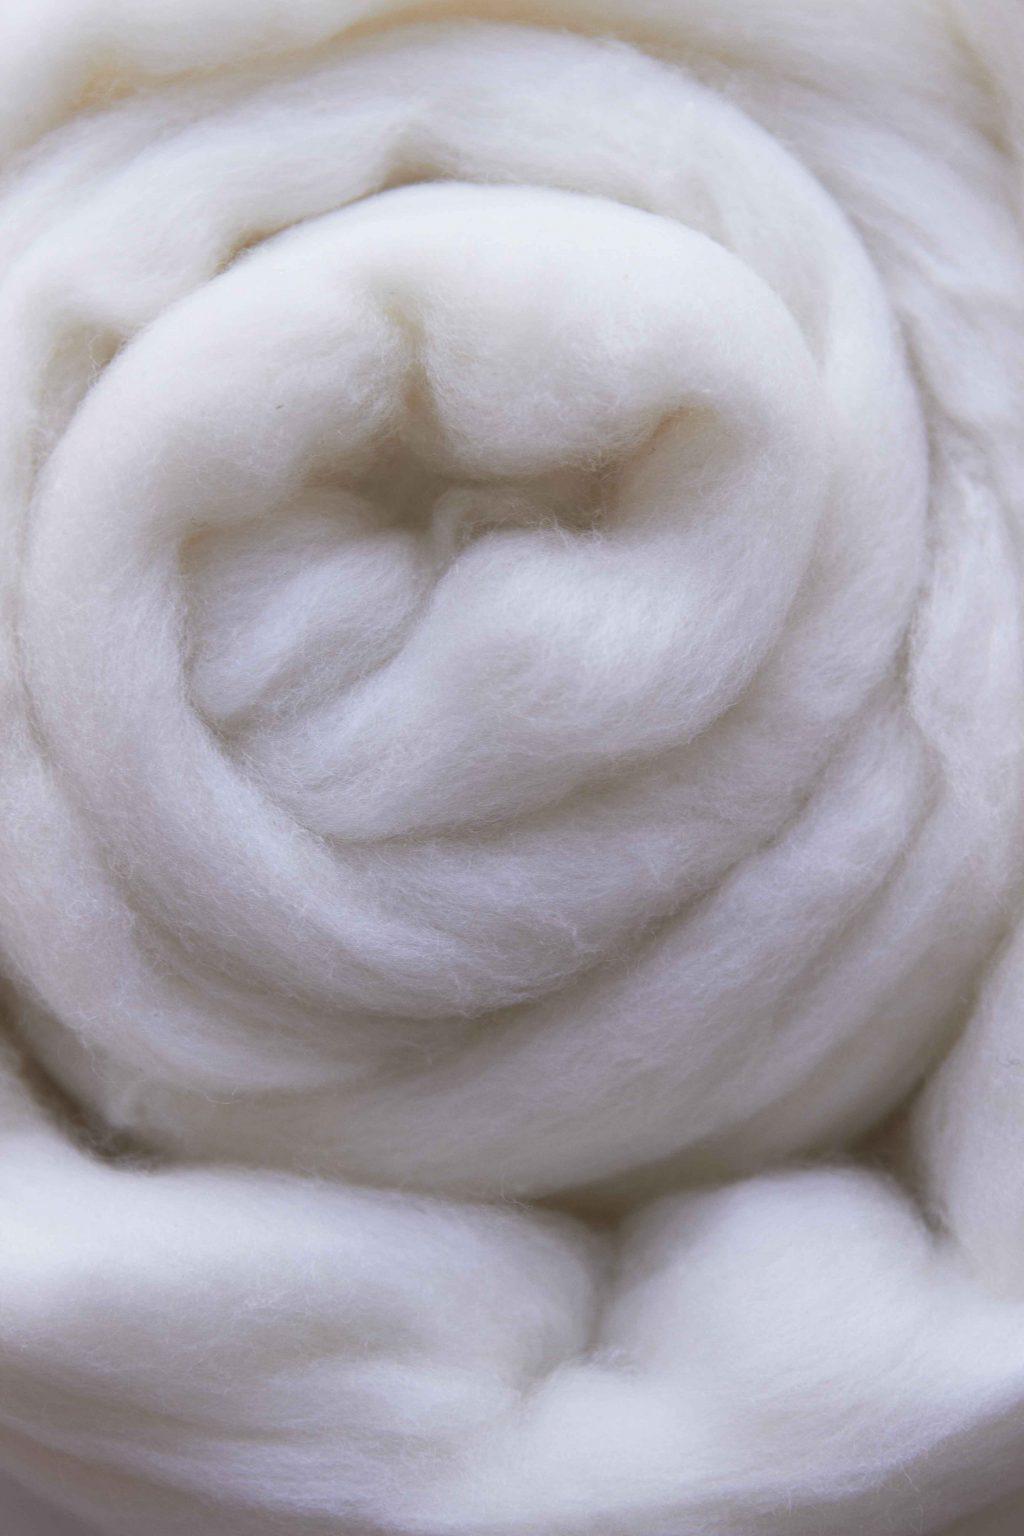 Mỗi bộ lông cừu Merino trưởng thành trung bình đủ để may 3 bộ đồ nam giới, 6 bộ váy dài và 70 đôi tất